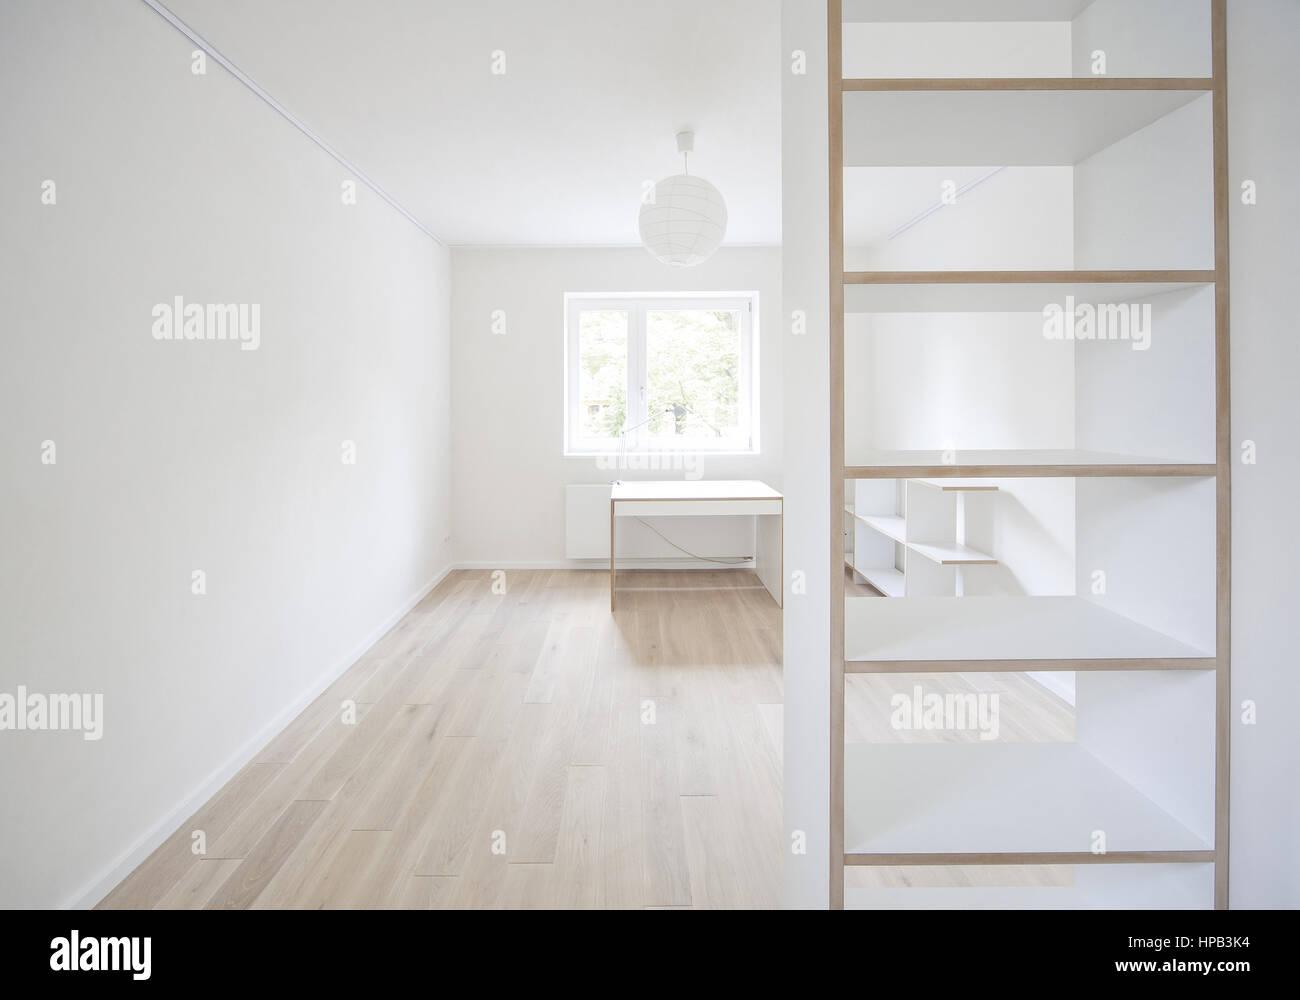 Beeindruckend Regal Mit Schreibtisch Galerie Von Weisser Wohnraum Parkett, Und